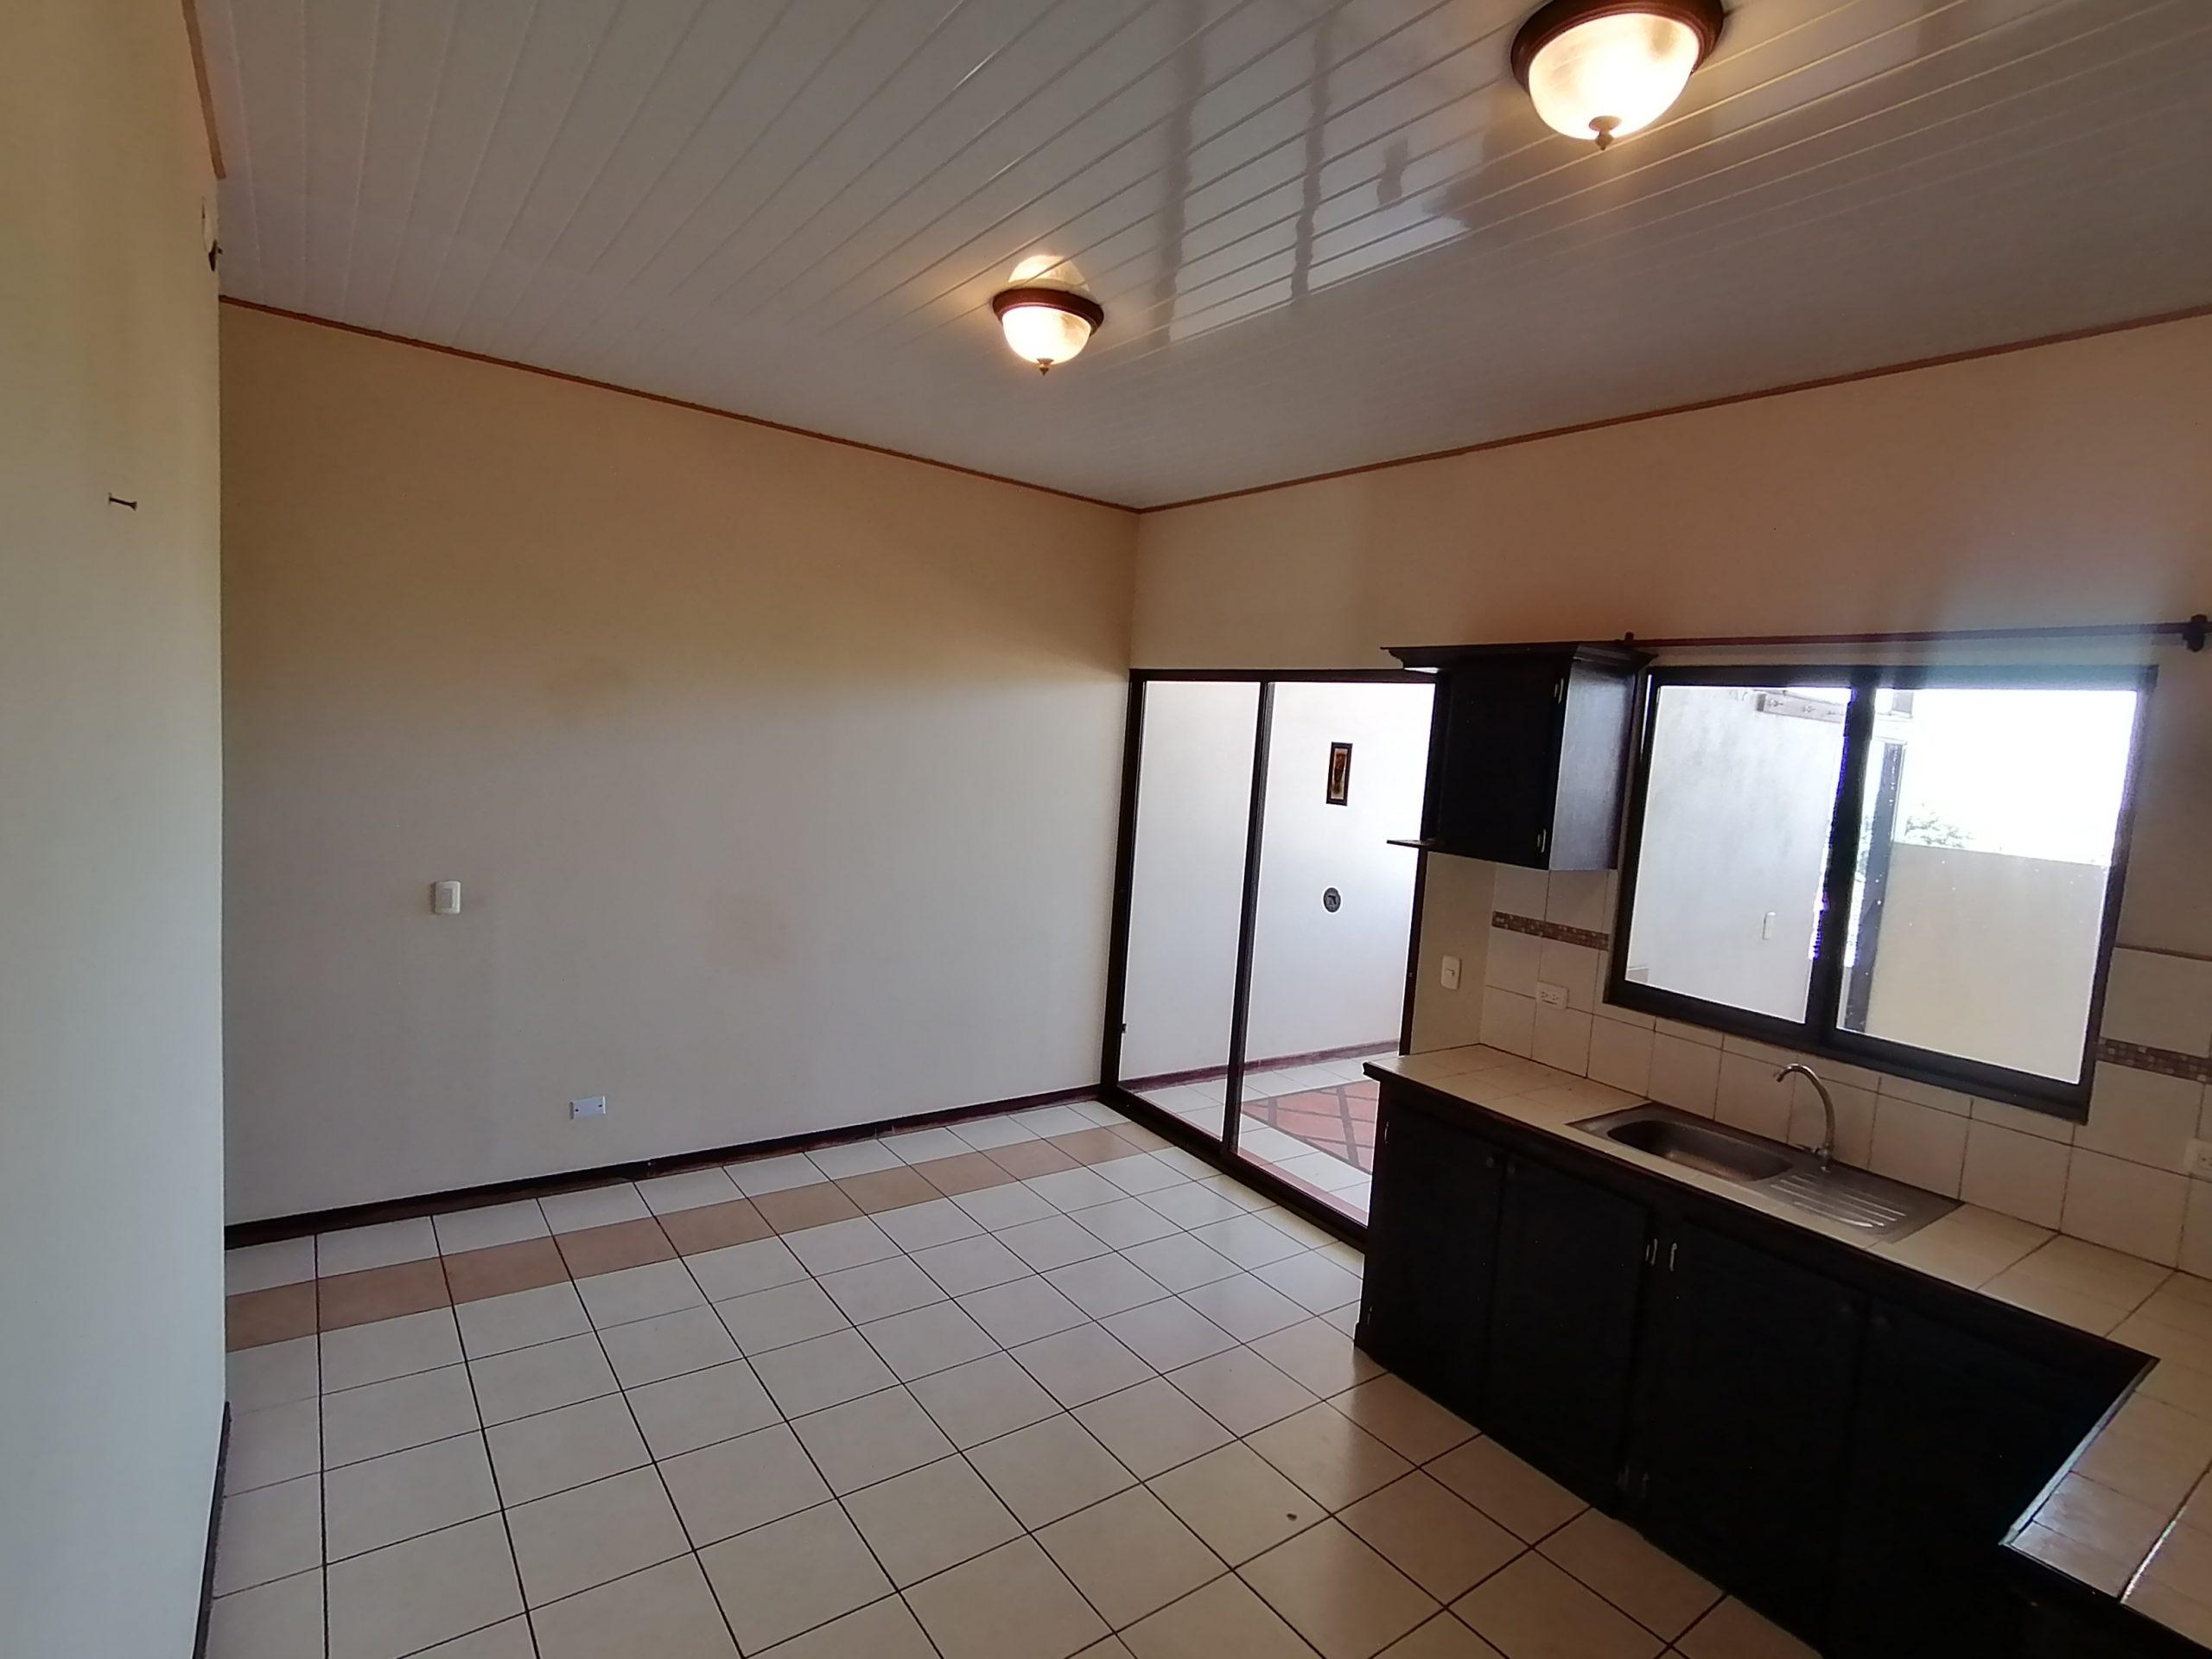 2782 Se Alquila apartamento en La Uruca